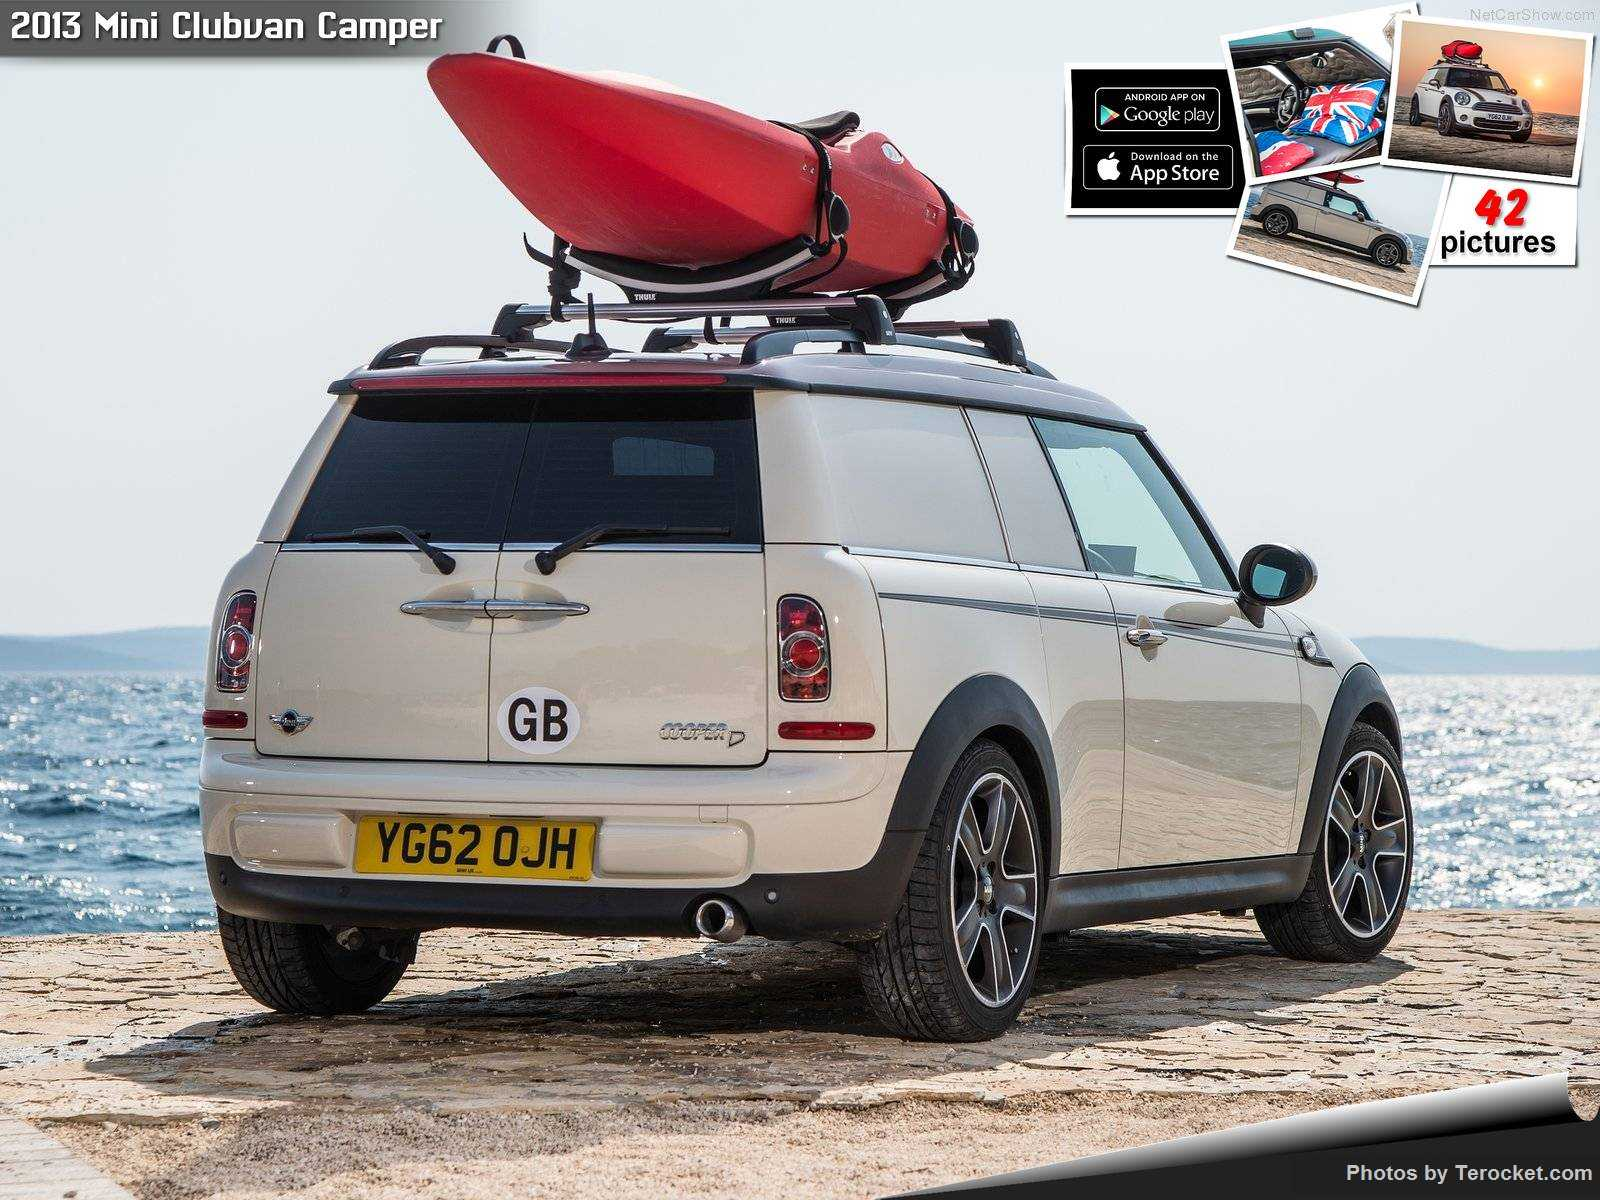 Hình ảnh xe ô tô Mini Clubvan Camper 2013 & nội ngoại thất